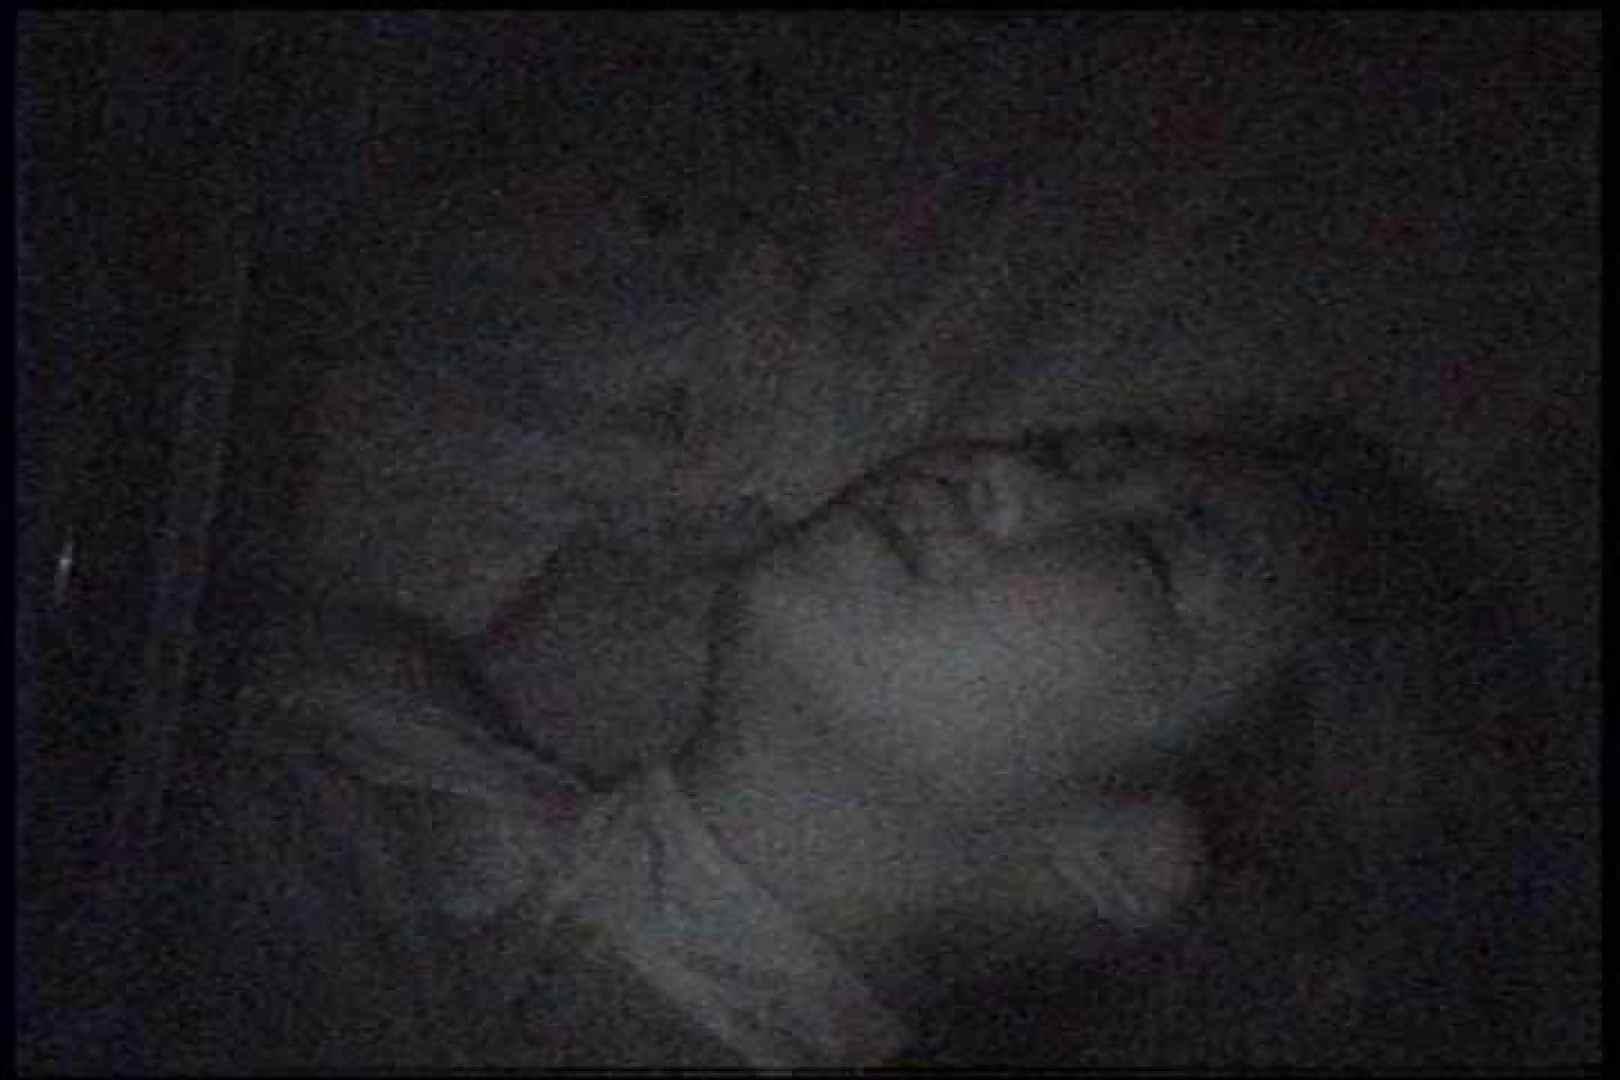 充血監督の深夜の運動会Vol.234 OLセックス | おまんこ無修正  61画像 7